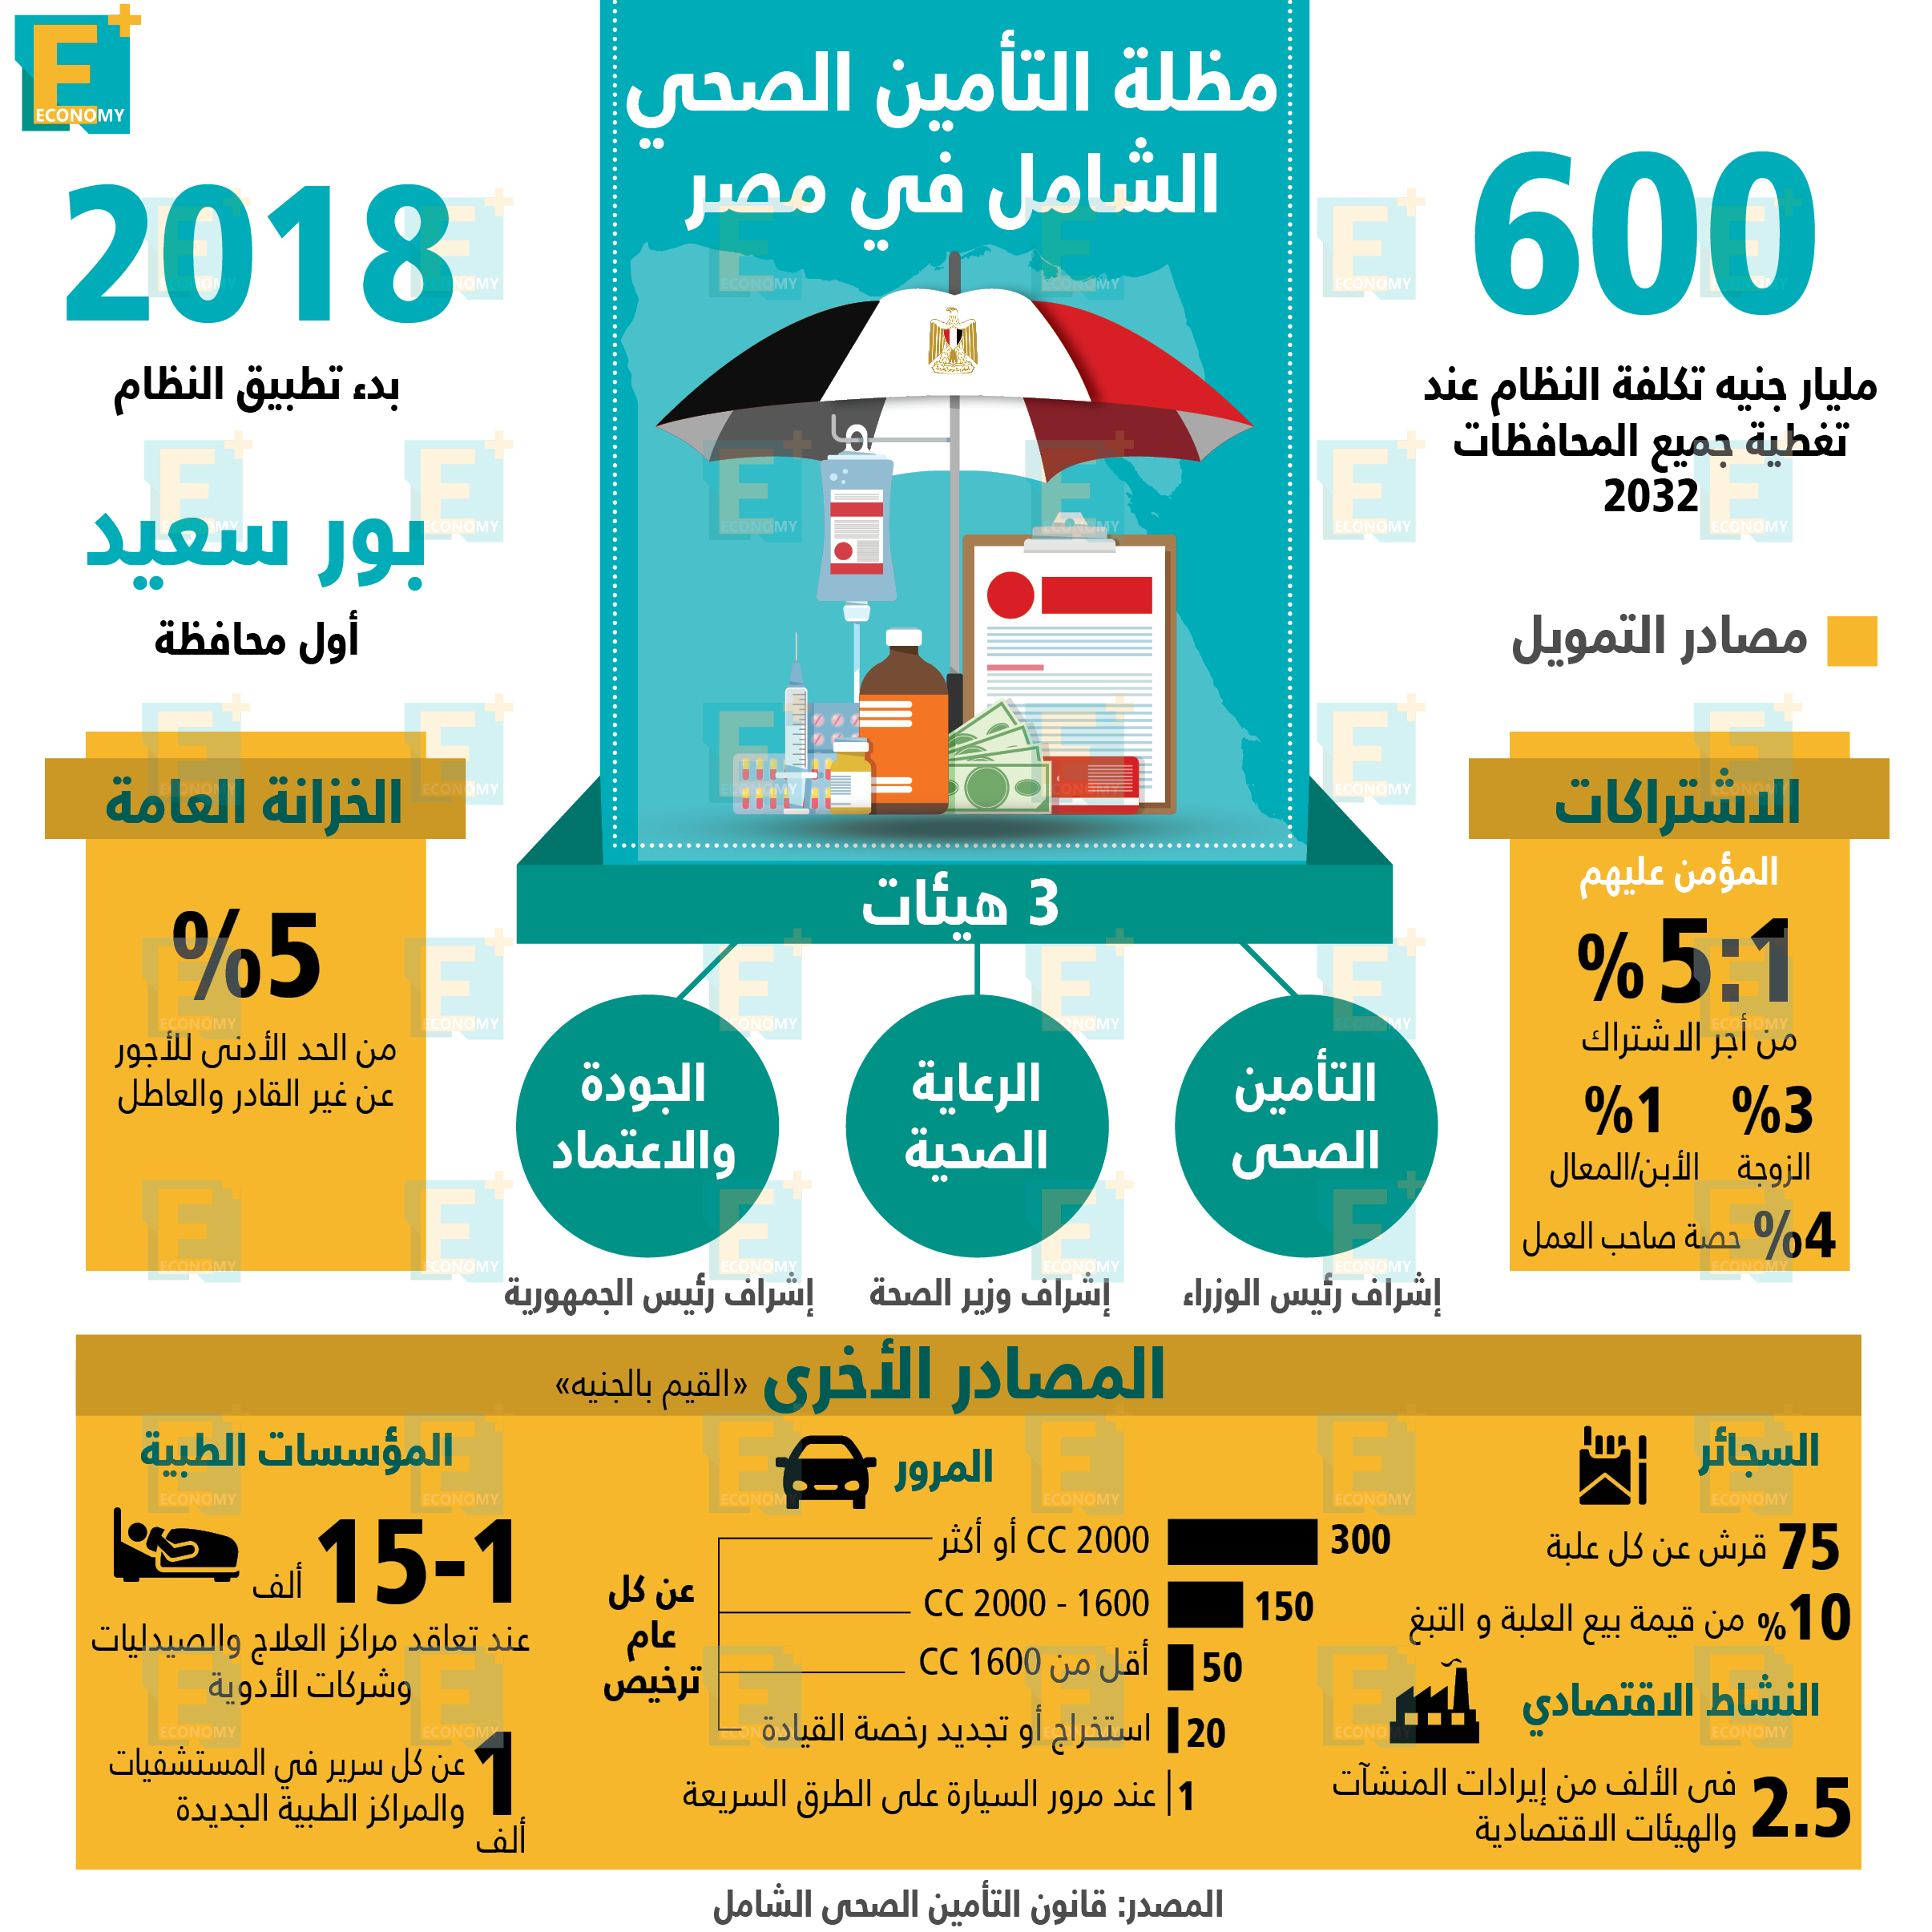 مظلة التأمين الصحي الشامل في مصر